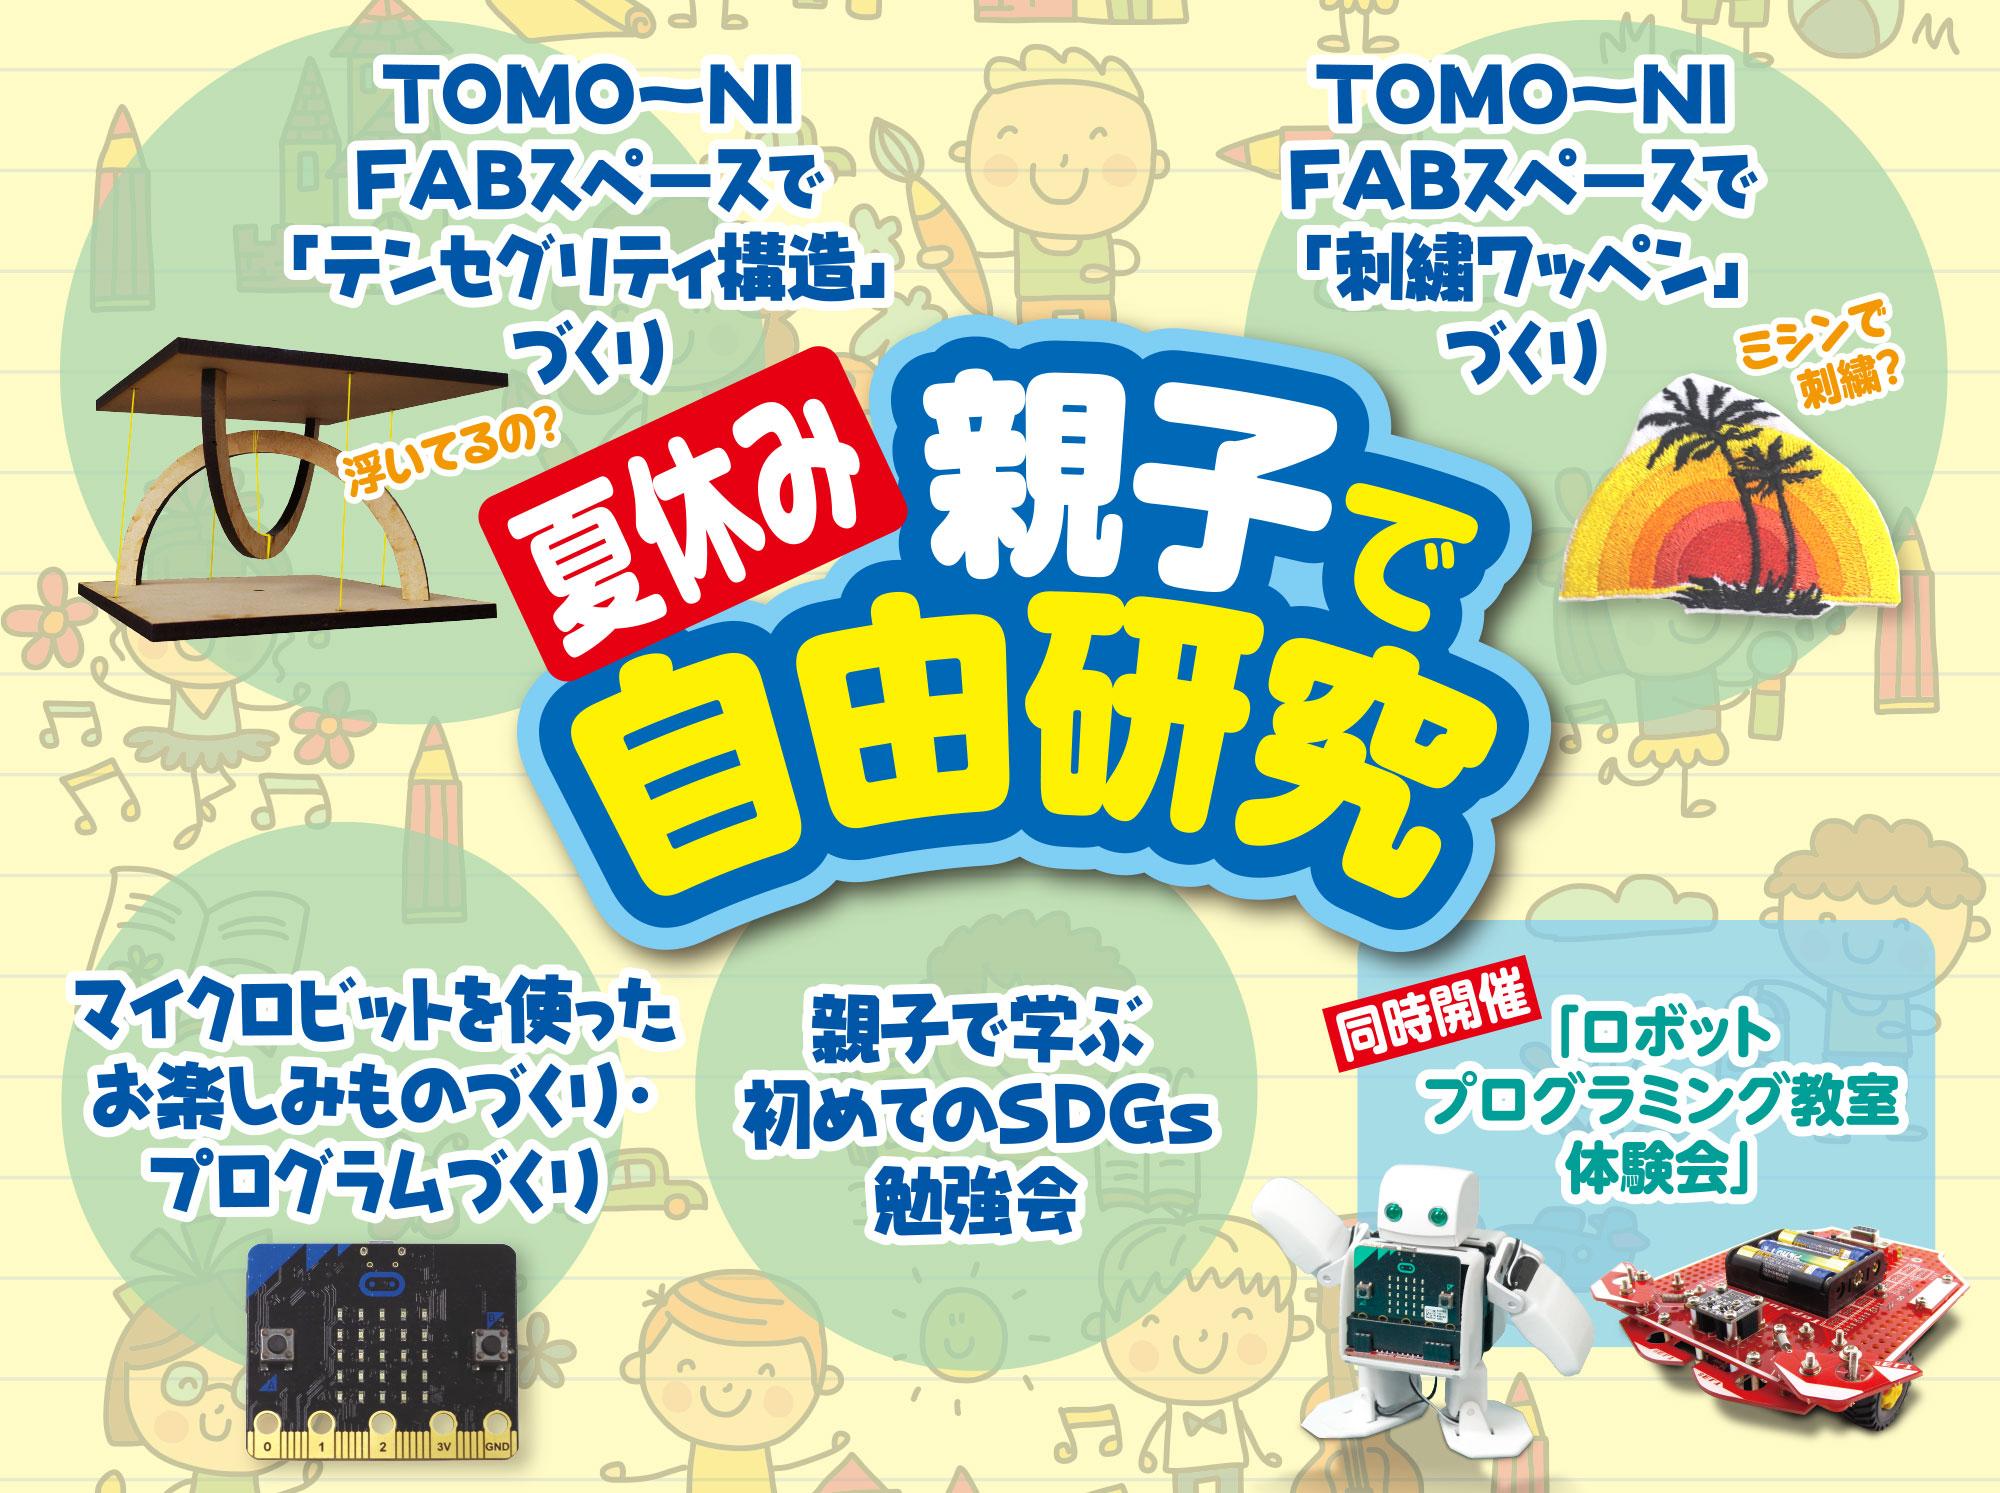 トモーニ夏休み小学生向けイベント-2021